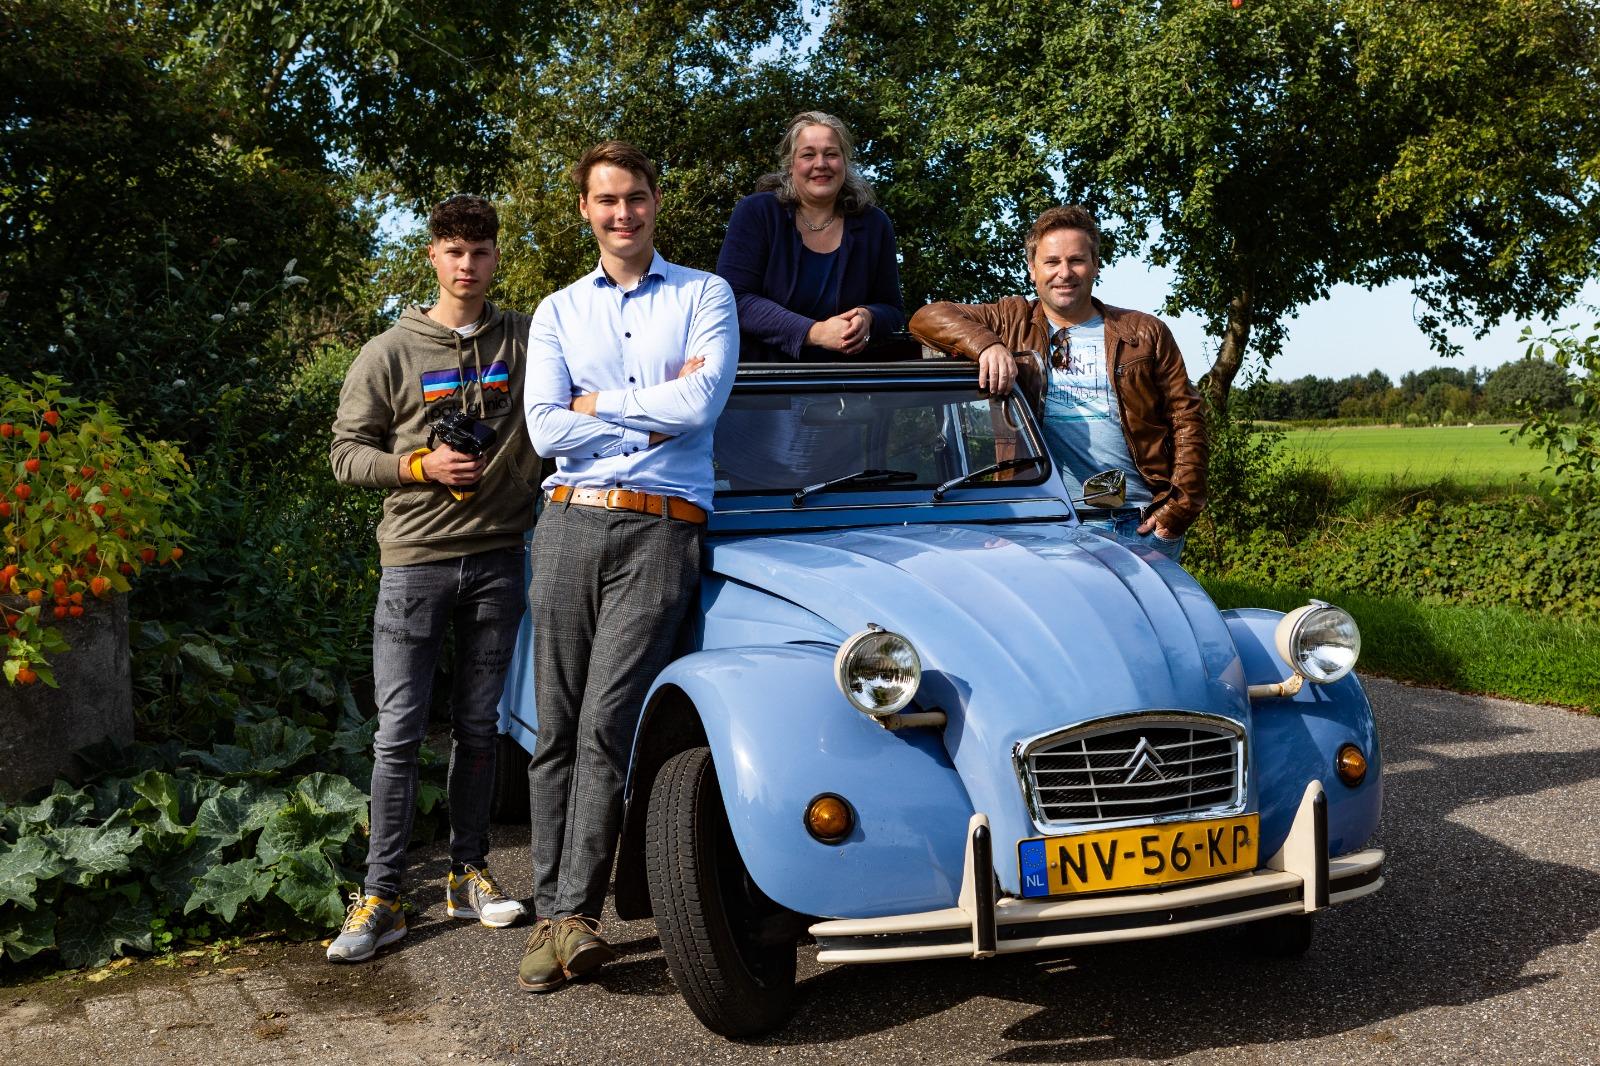 Gelukseend Donateurs Maarten Relker Jos Bosch Vedar Visuals Tiara Dijkhof